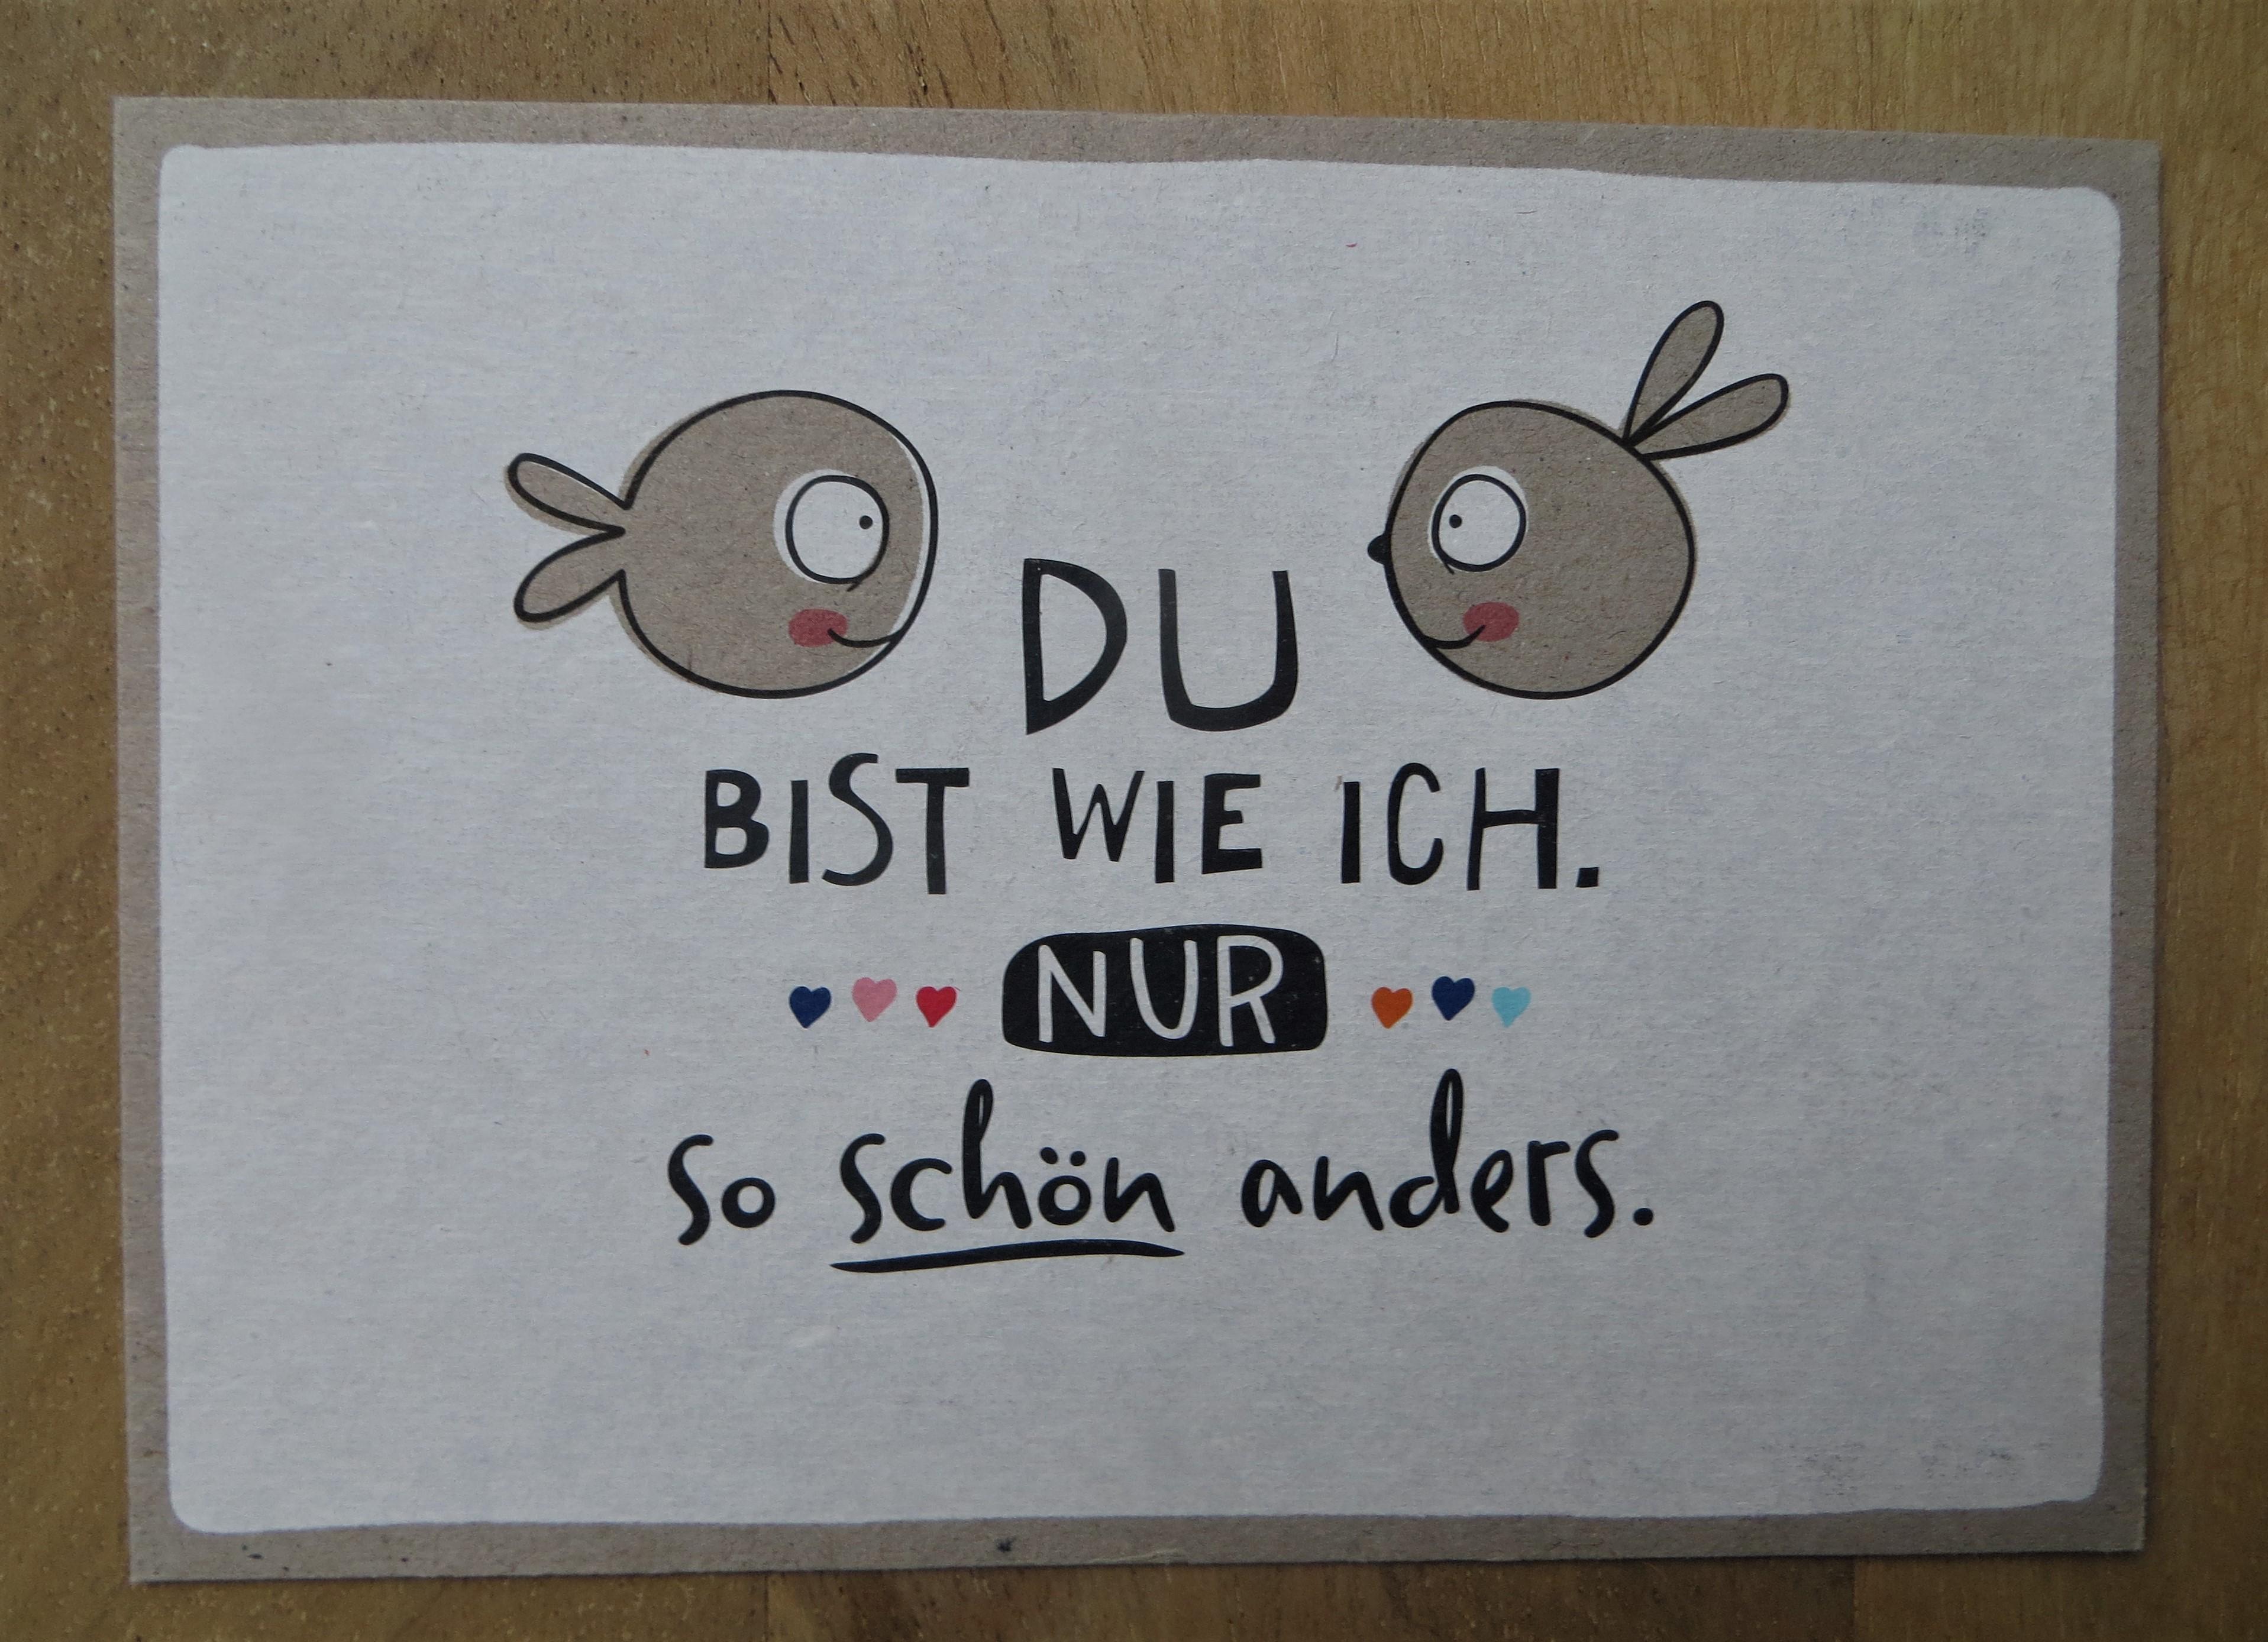 Nützlichgrusskarten - Postkarte Du bist wie ich. Nur so schön anders. KUNST und BILD - Onlineshop Tante Emmer